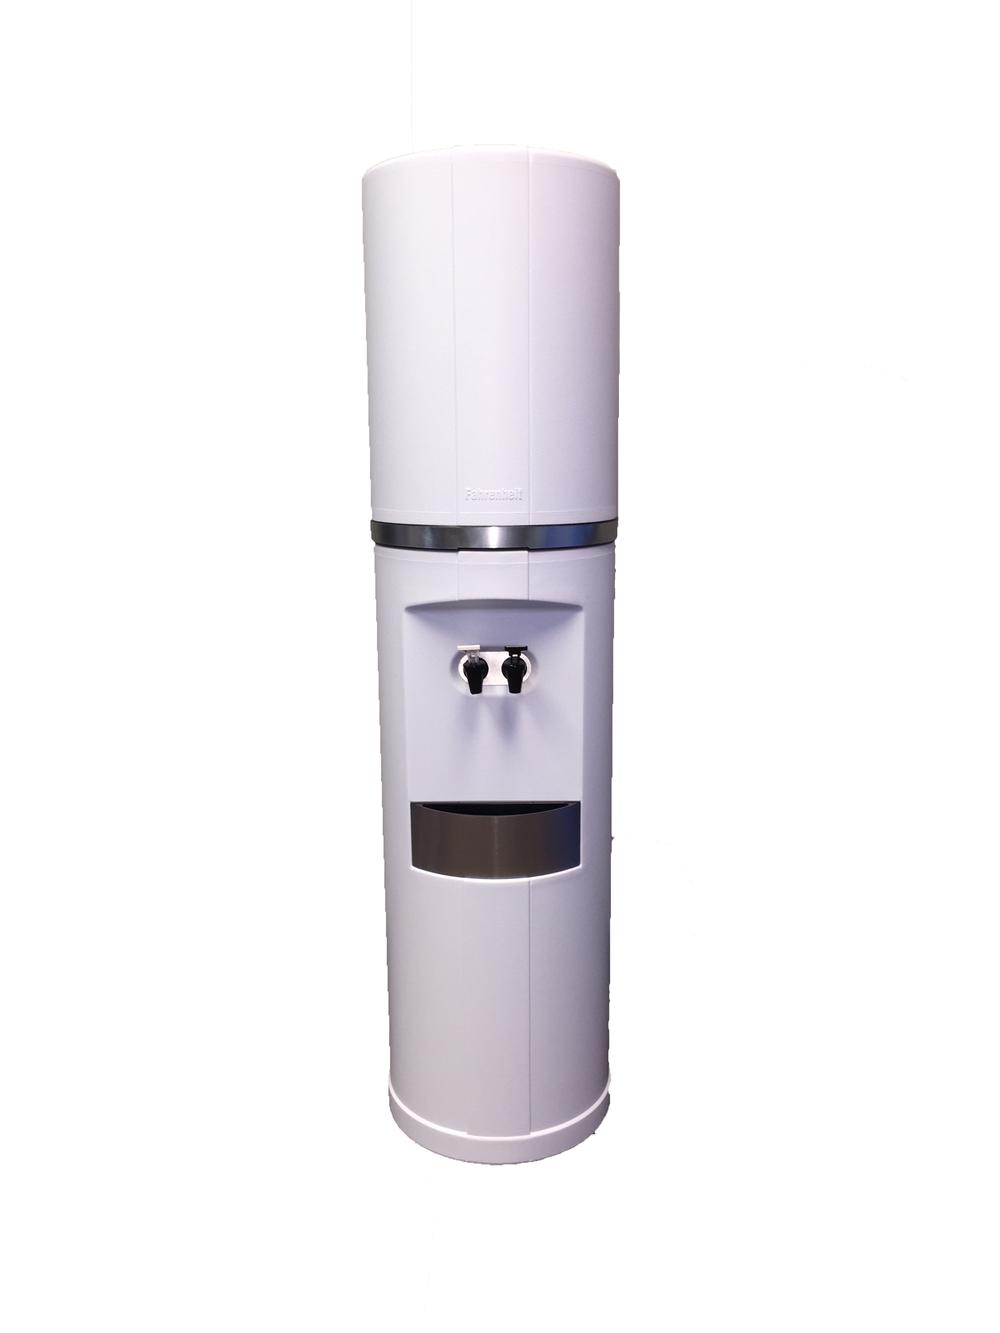 Fahrenheit Water Cooler - White